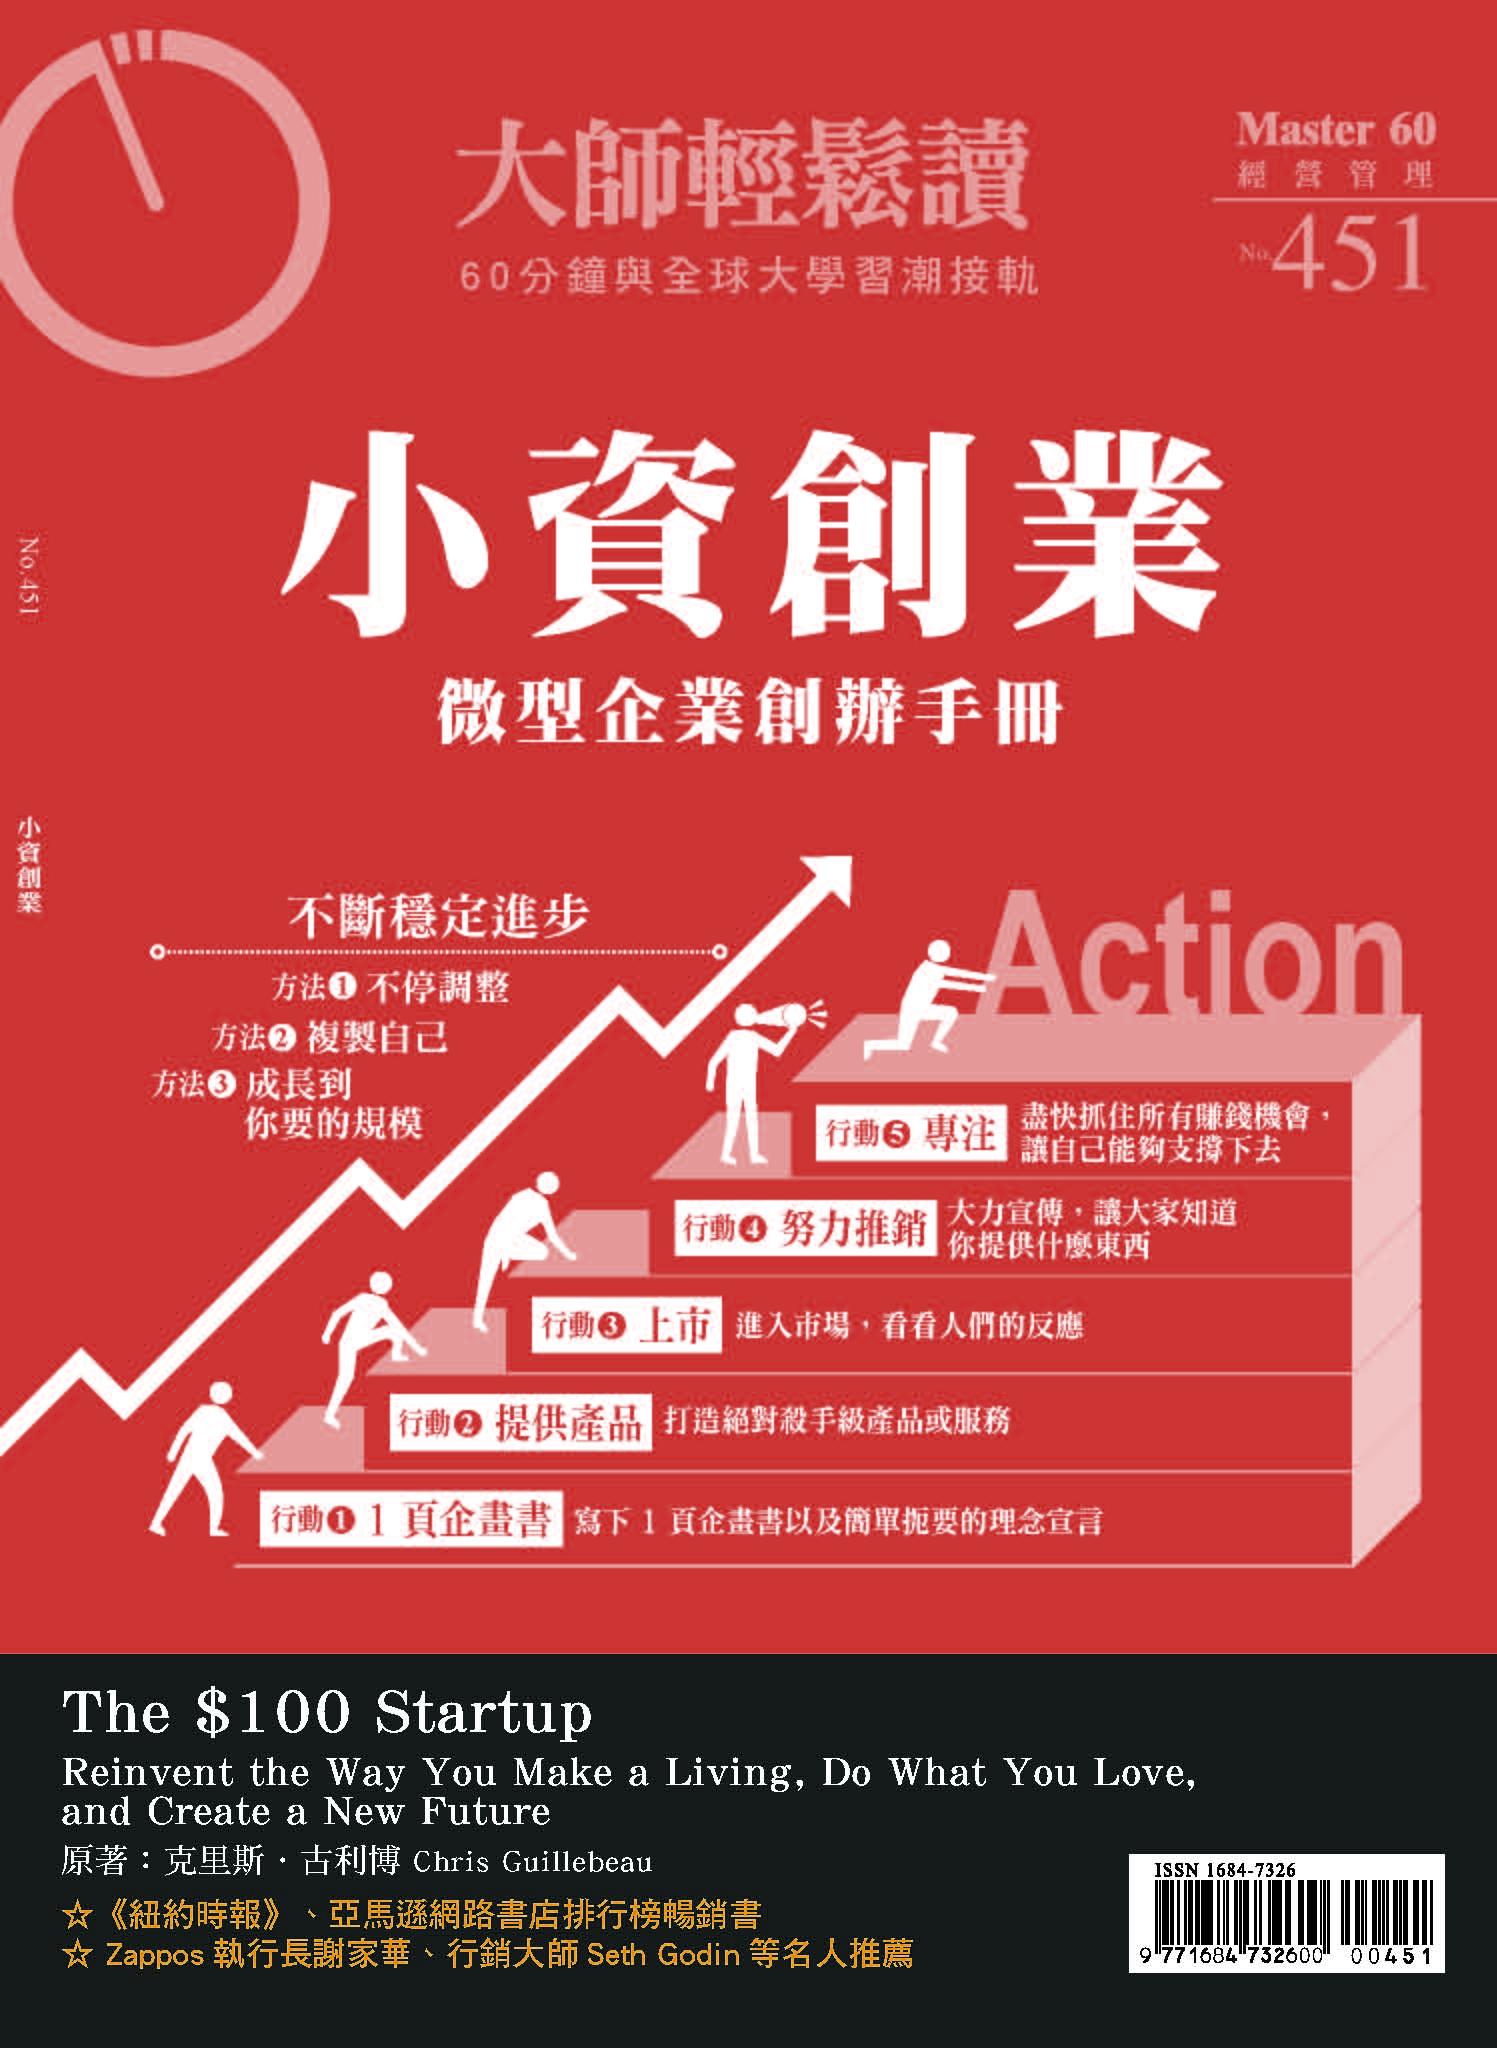 大師輕鬆讀 2012/08/08 [第451期] [有聲書]:小資創業 : 微型企業創辦手冊